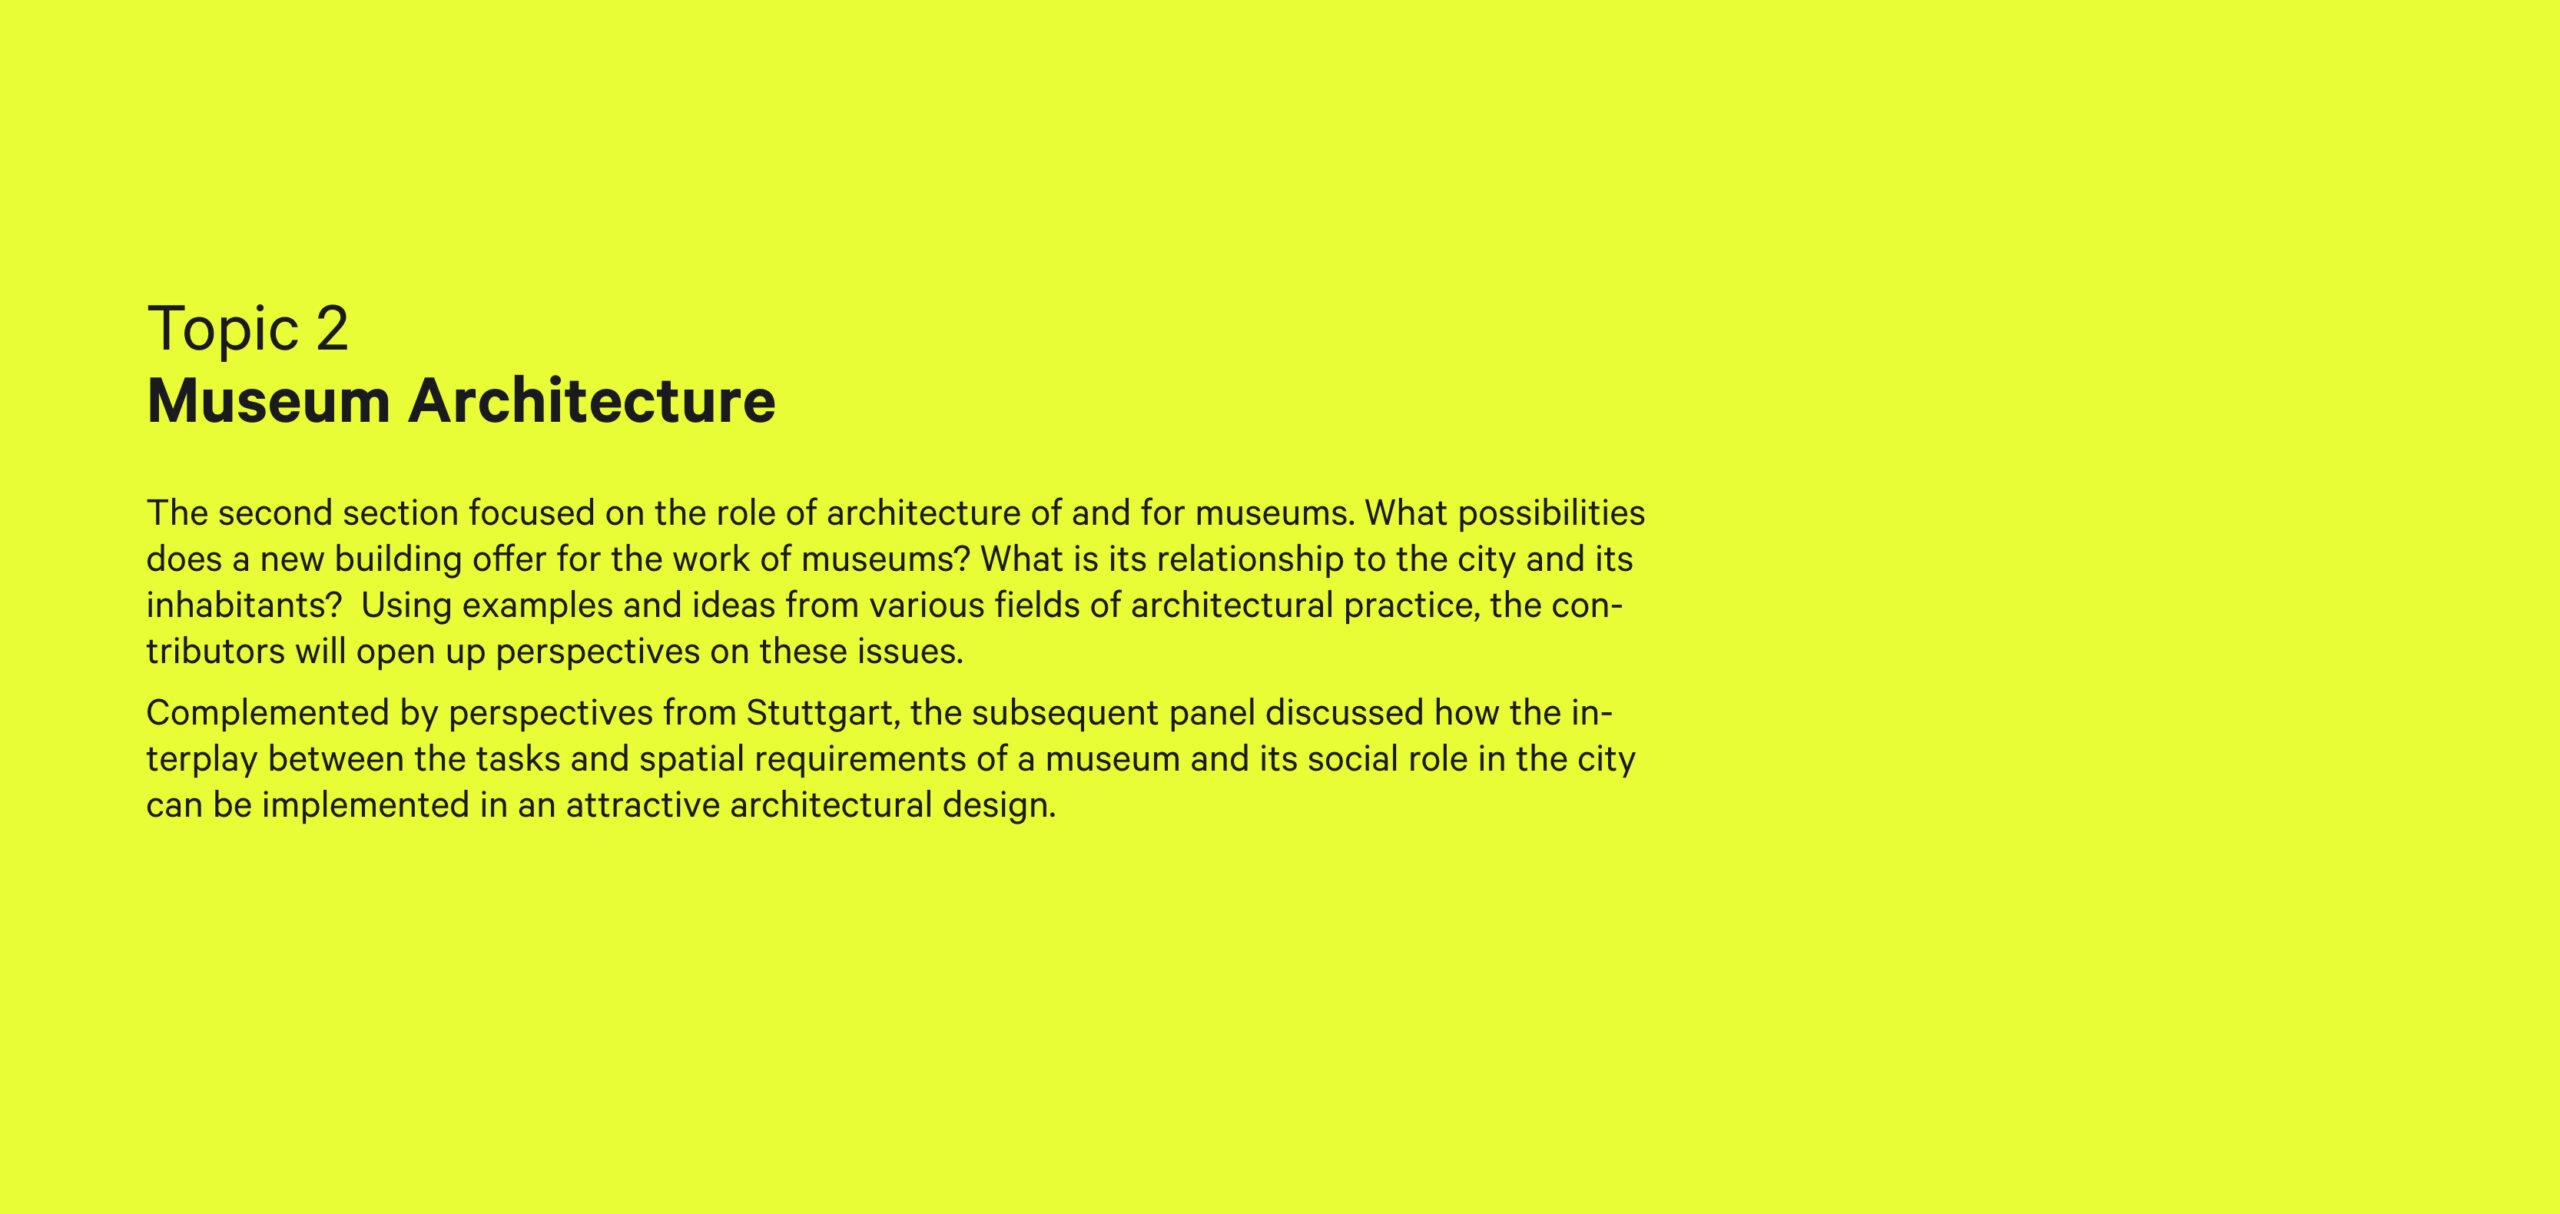 sebastian klawiter Das neue Museum — Ideen für das ethnologische Museum der Zukunft Lindenmuseum Stuttgart